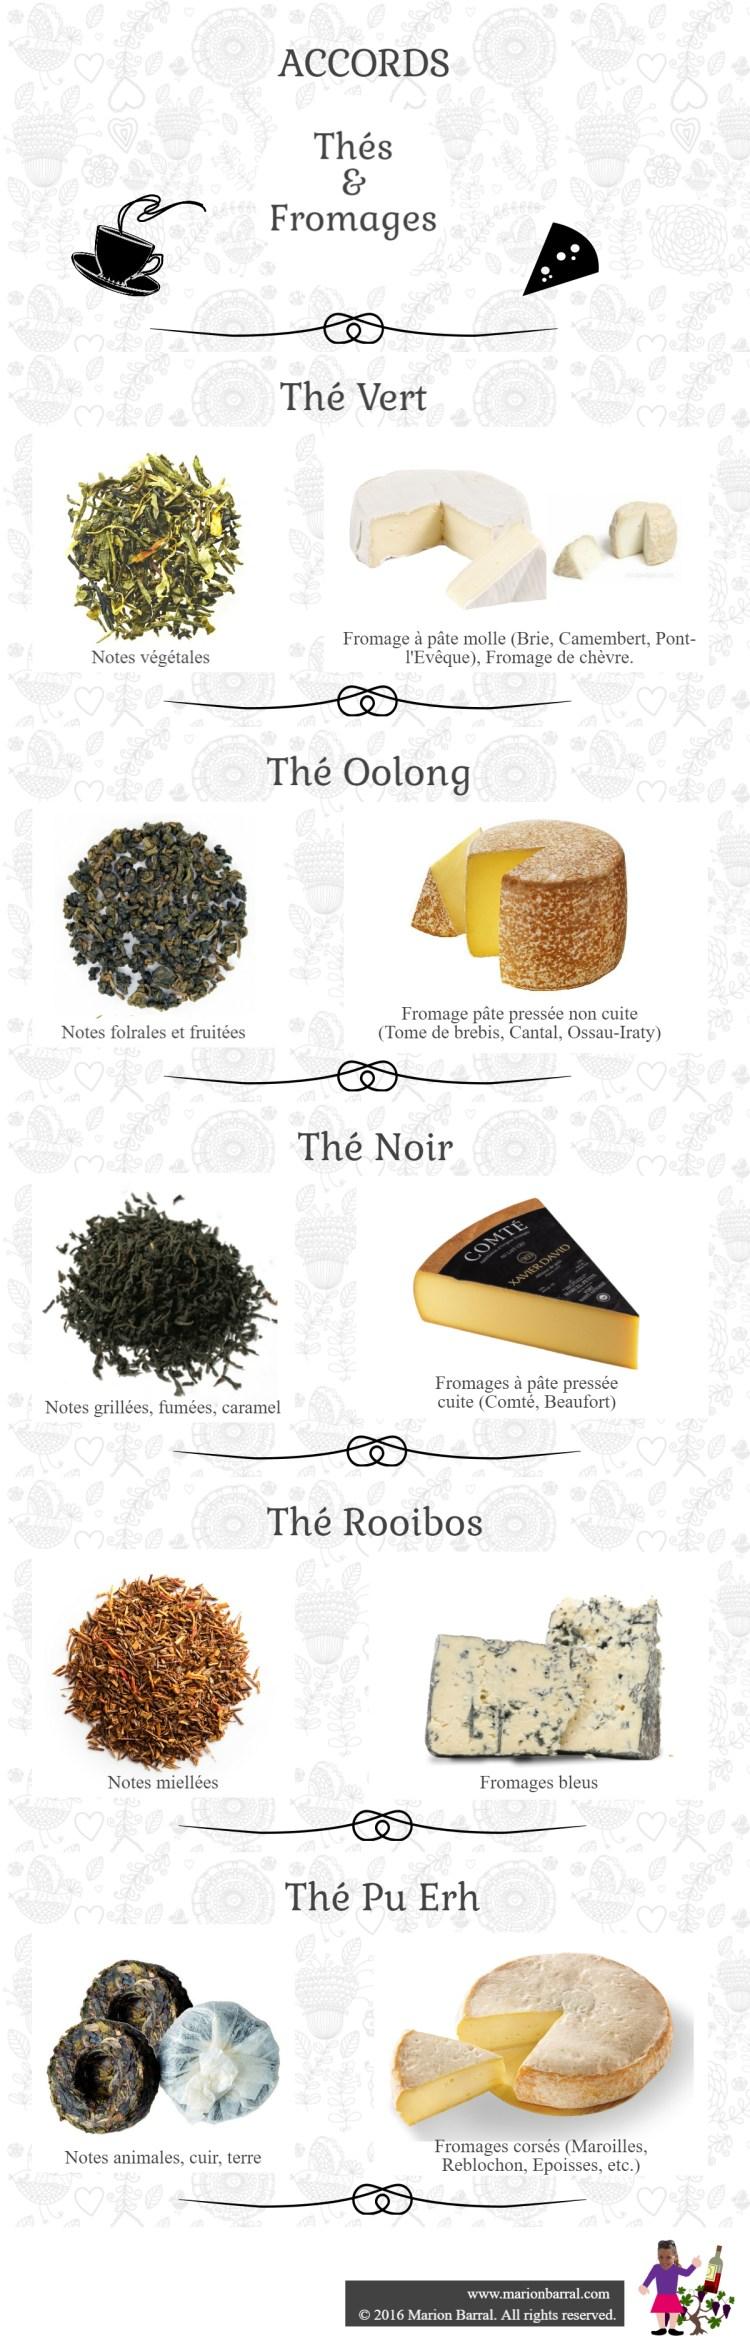 infographie sur les accord thés et fromages